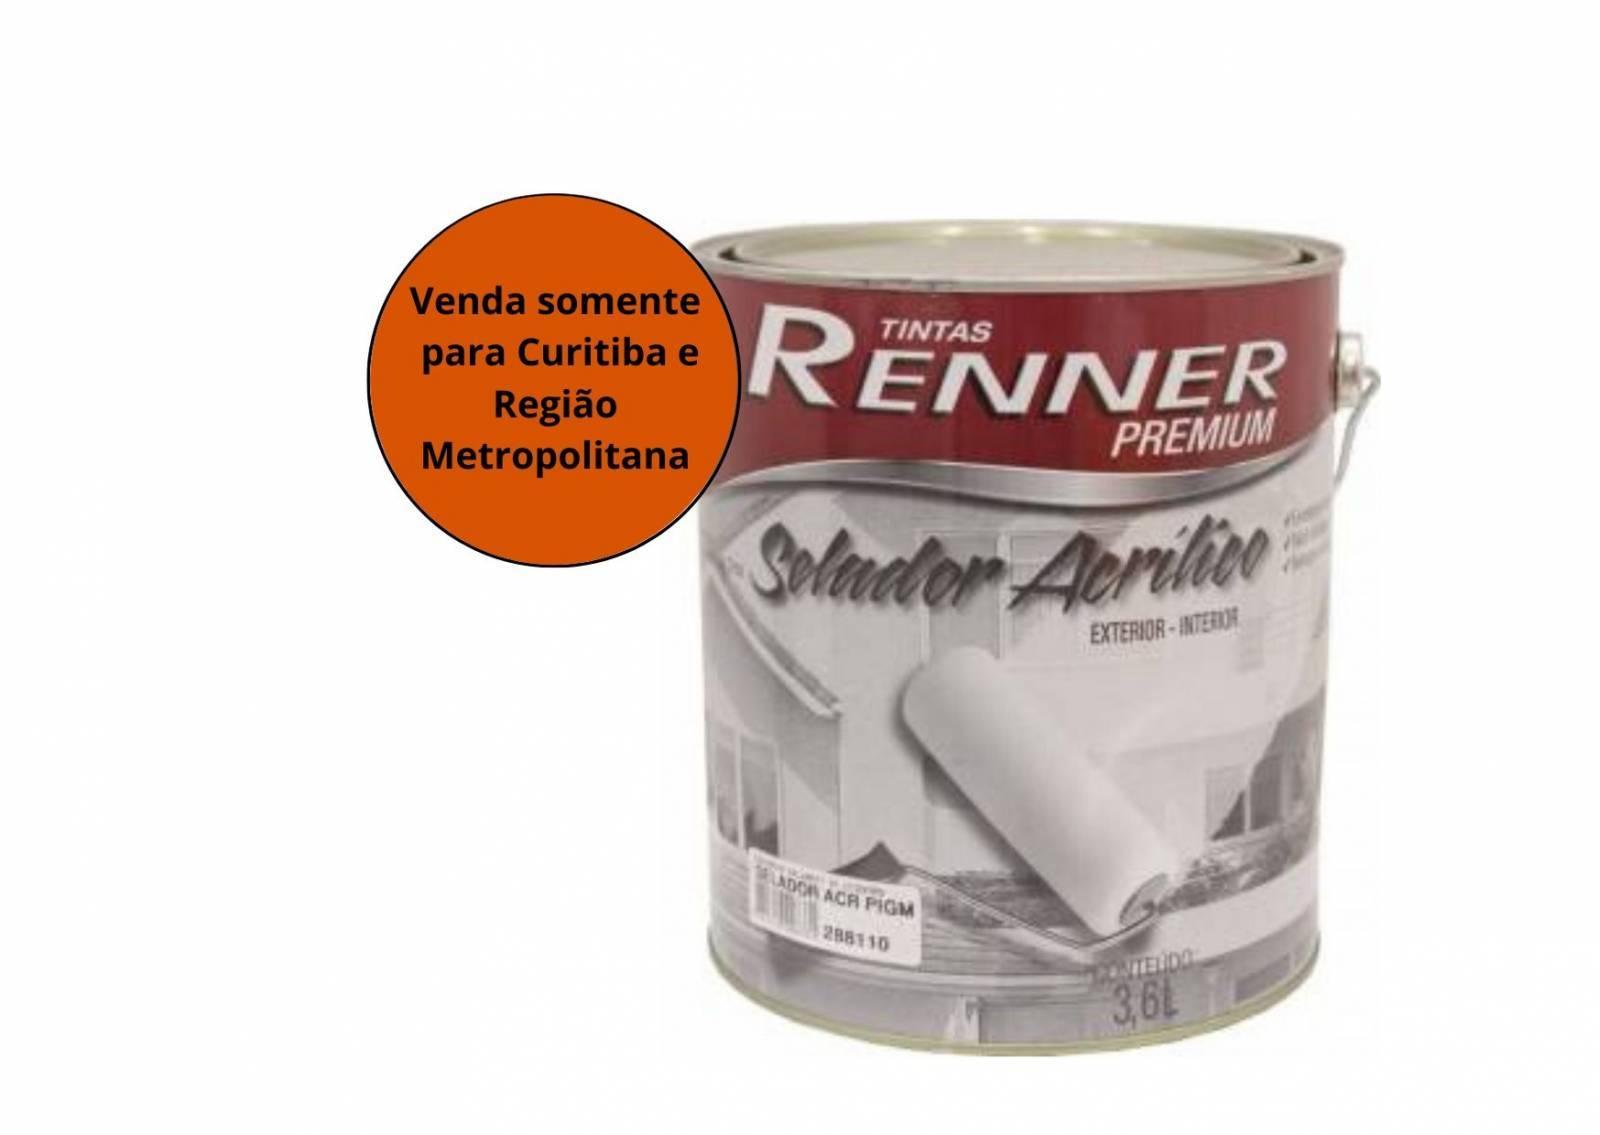 Selador Acrílico Pigmentado  3,6L Renner - MATERGI MATERIAIS DE CONSTRUÇÃO